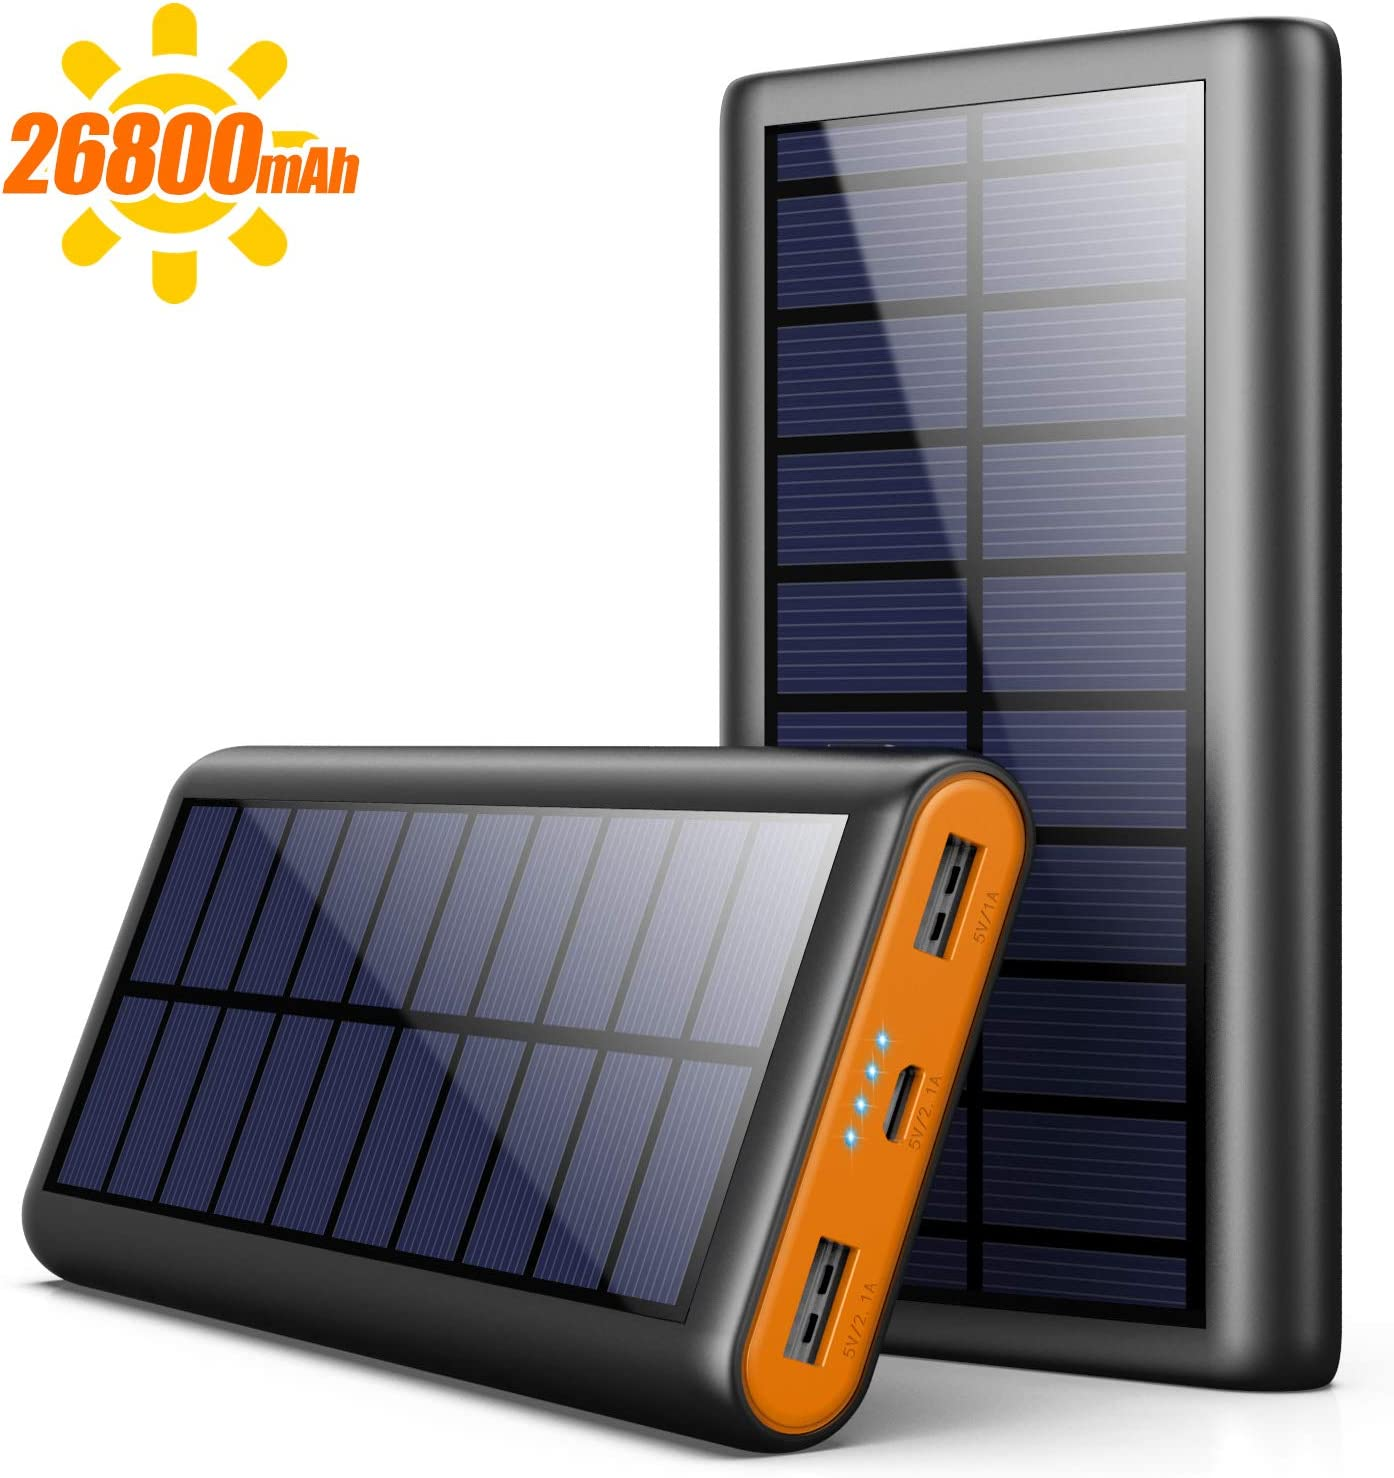 AOPAWA Cargador Solar 26800mAh Batería Externa Portátil, [Versión Ecológica] Power Bank Solar Gran Capacidad con 2 Puertos Batería de Respaldo para Teléfono móvil, Tableta